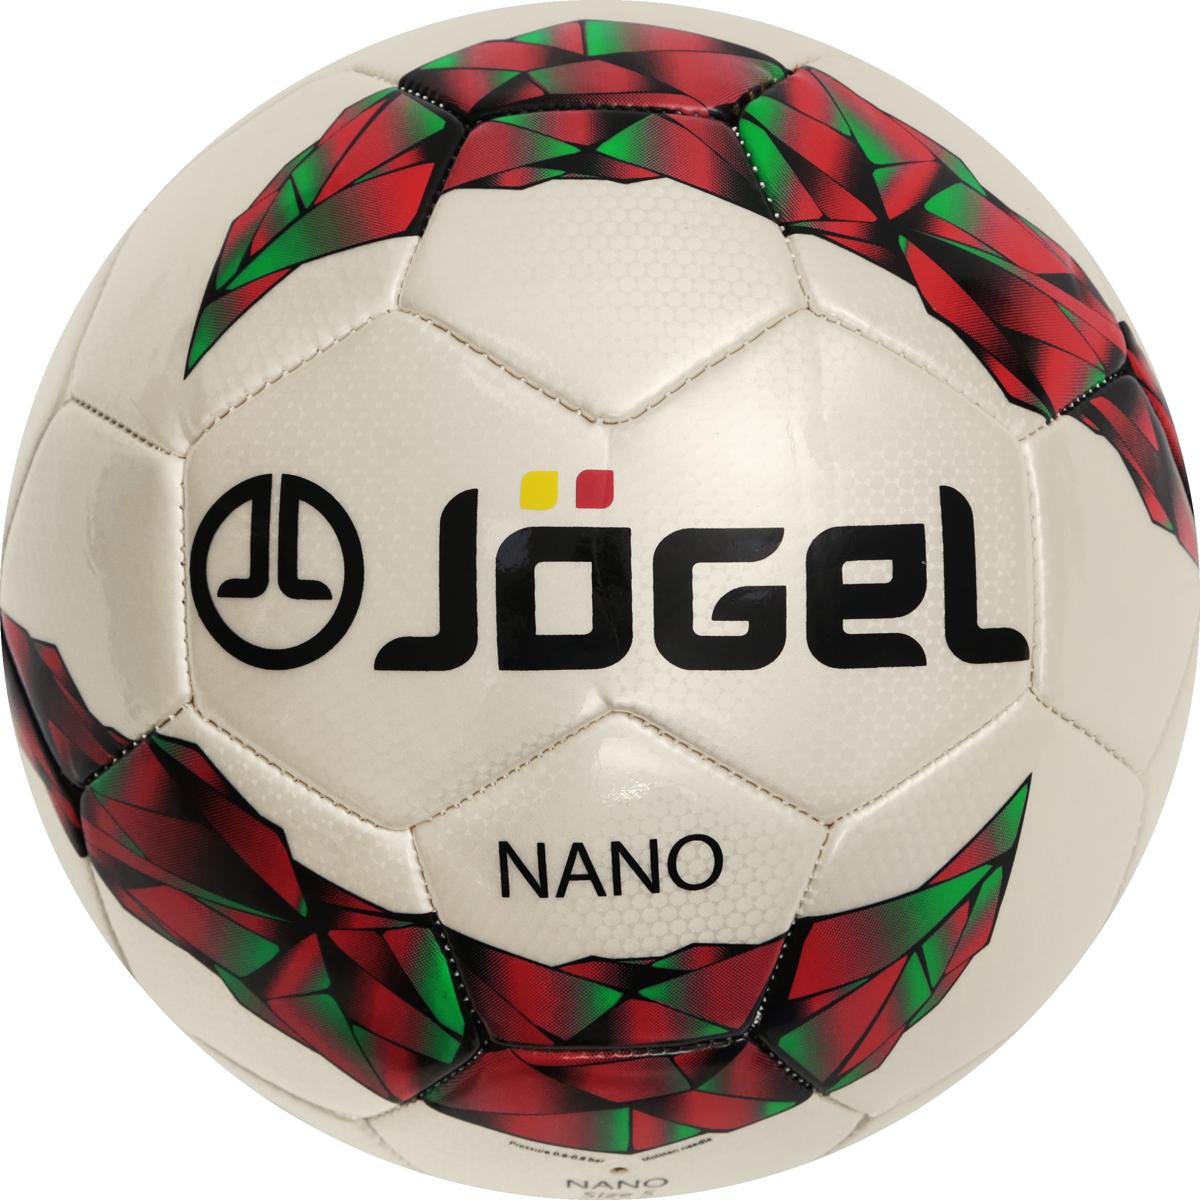 """Фото Мяч футбольный Jogel """"Nano"""", цвет: белый, красный, зеленый. Размер 5. JS-200"""